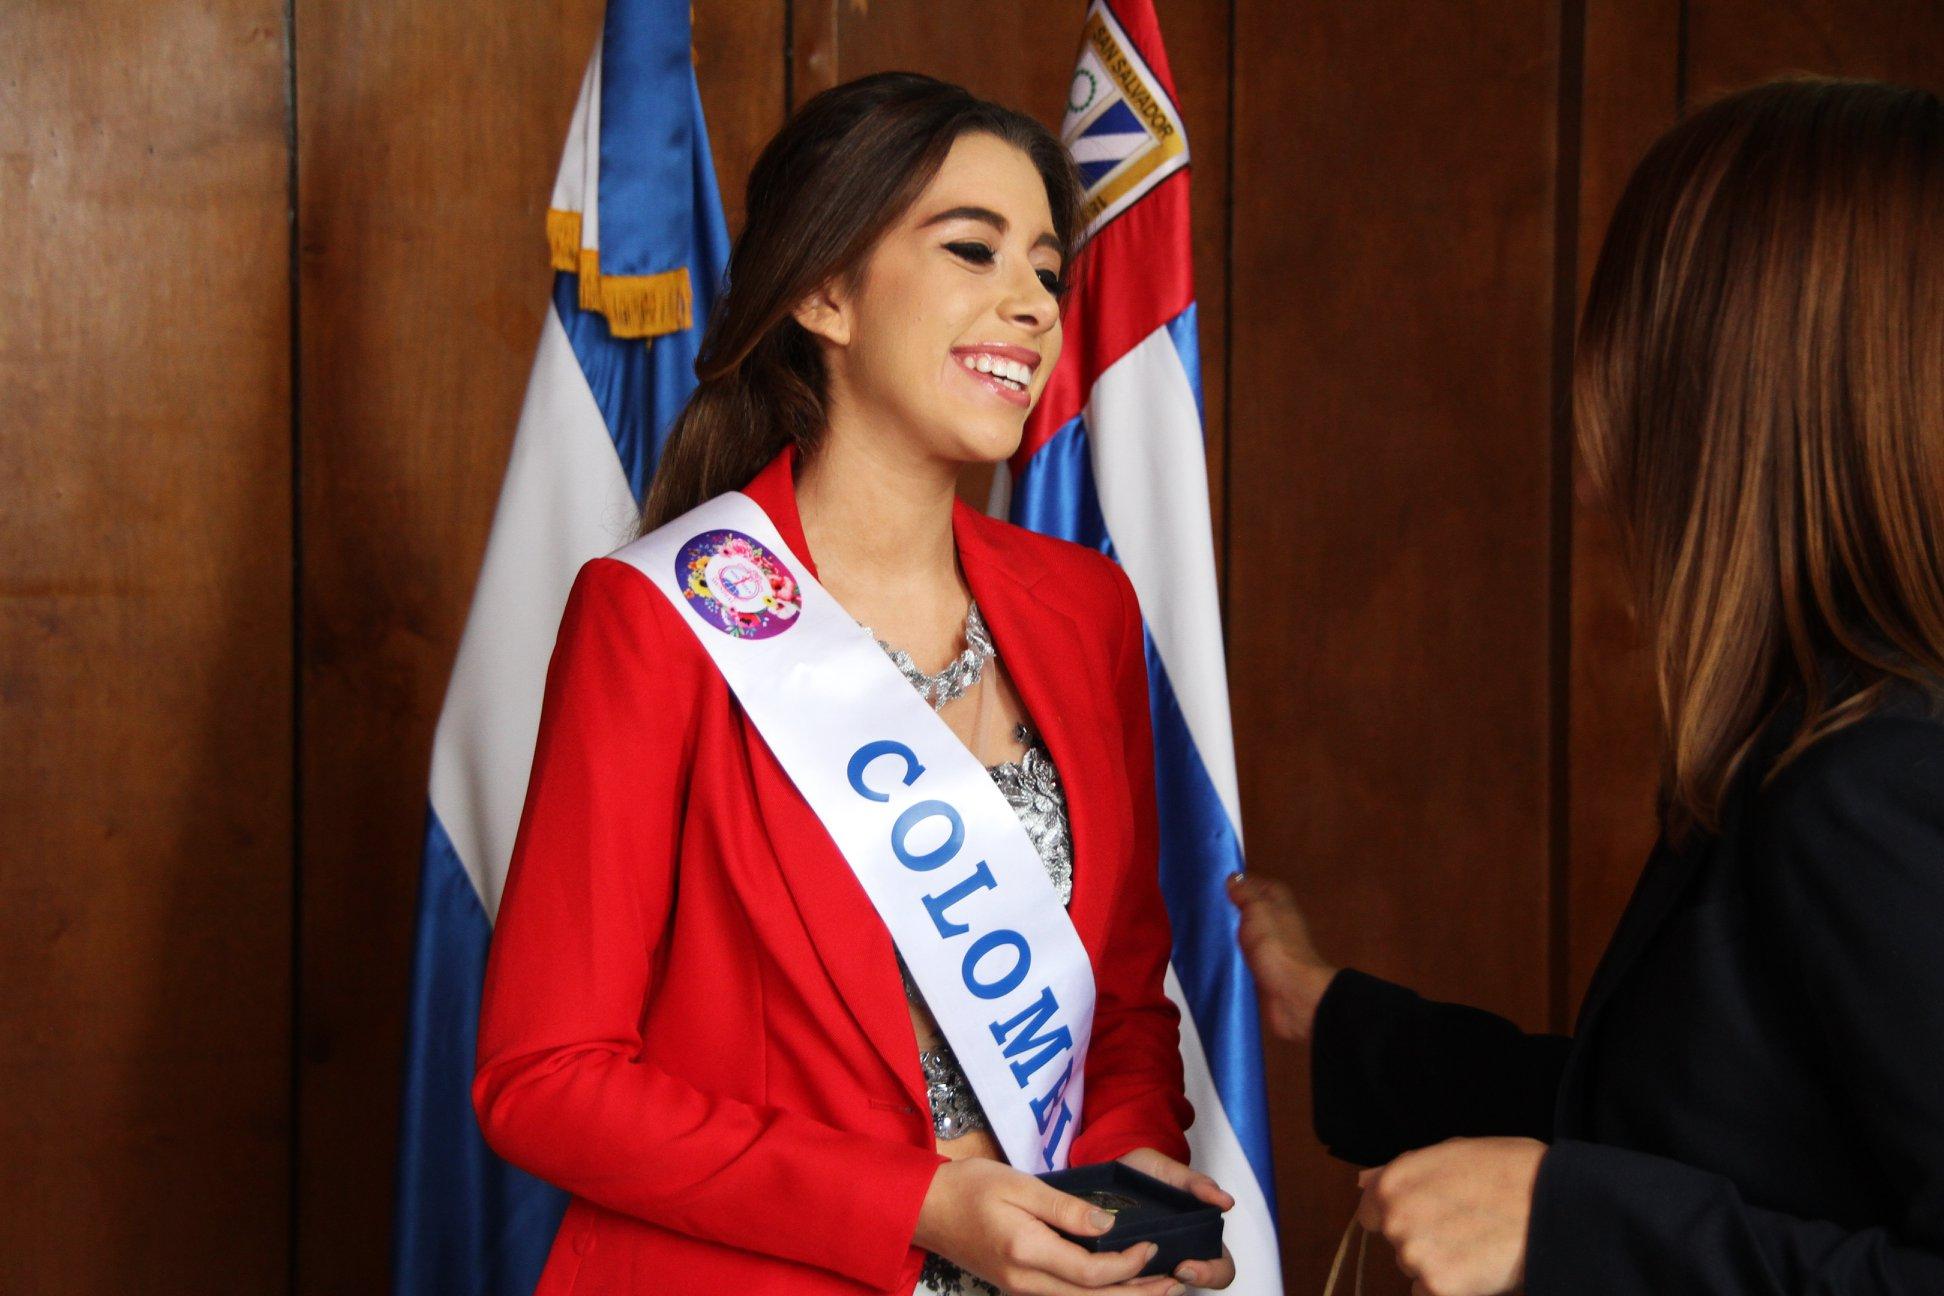 maya mejia ospina, miss teen mundial colombia 2019. - Página 4 61067510